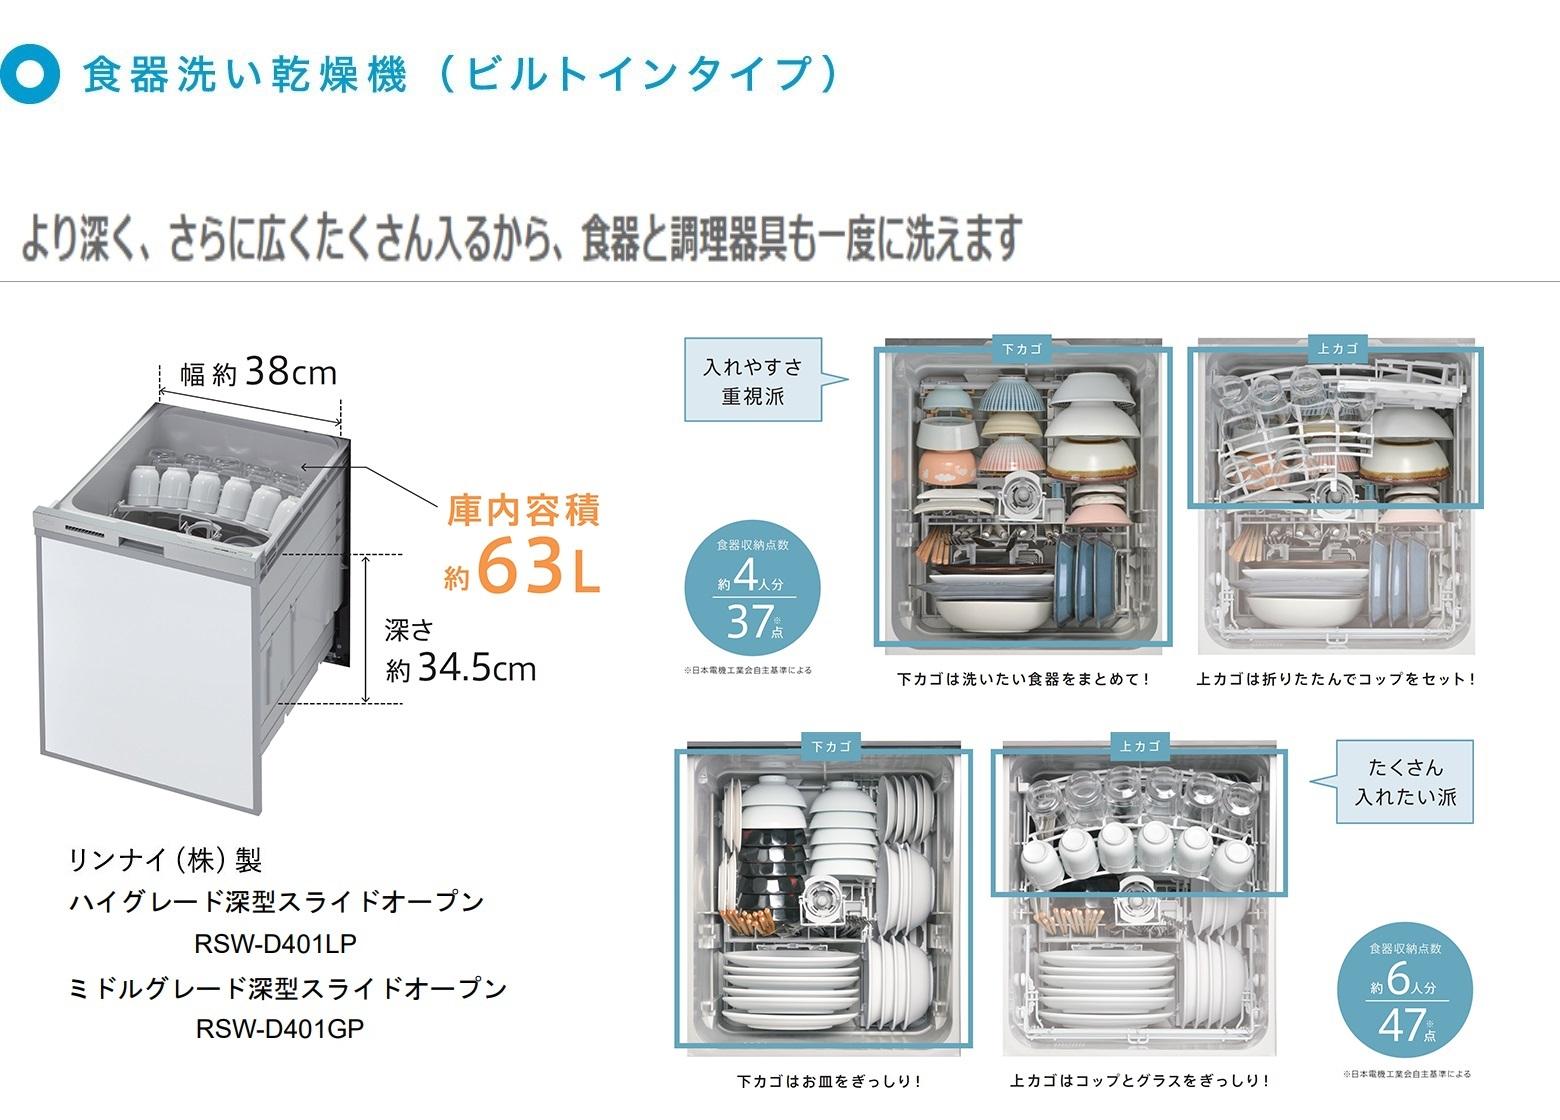 食器洗い乾燥機D401紹介